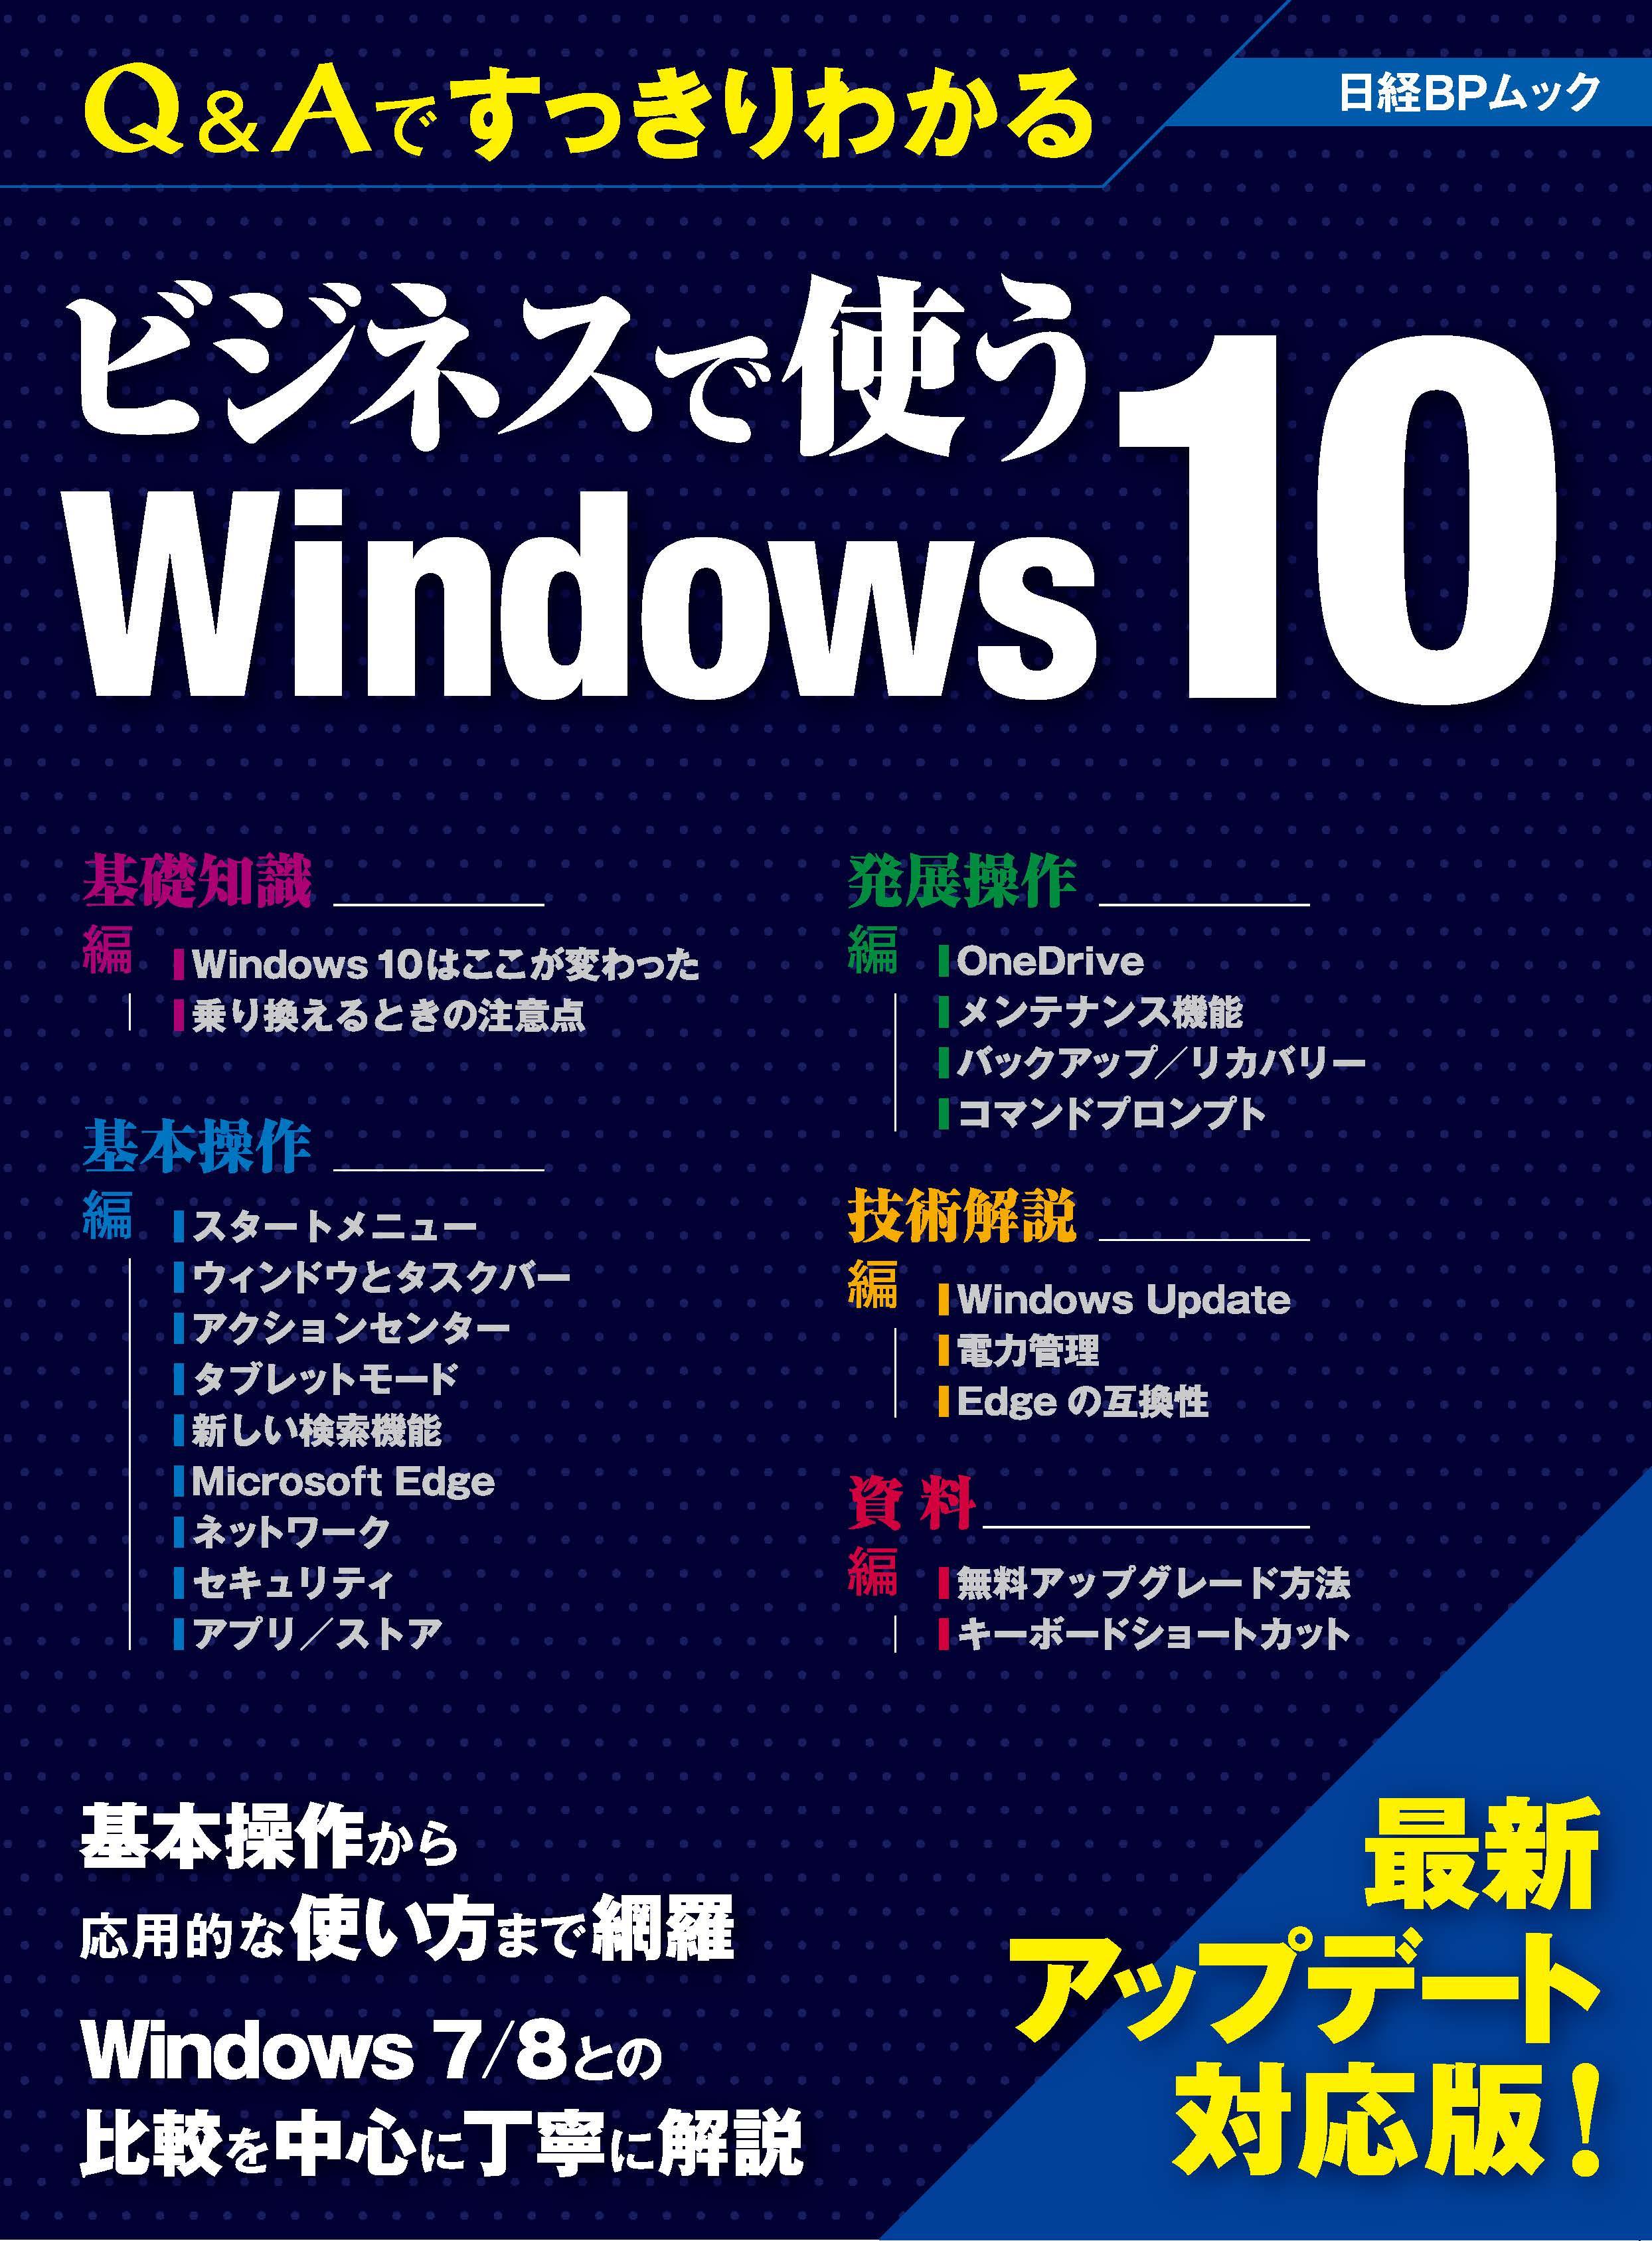 Q&Aですっきりわかる ビジネスで使うWindows 10